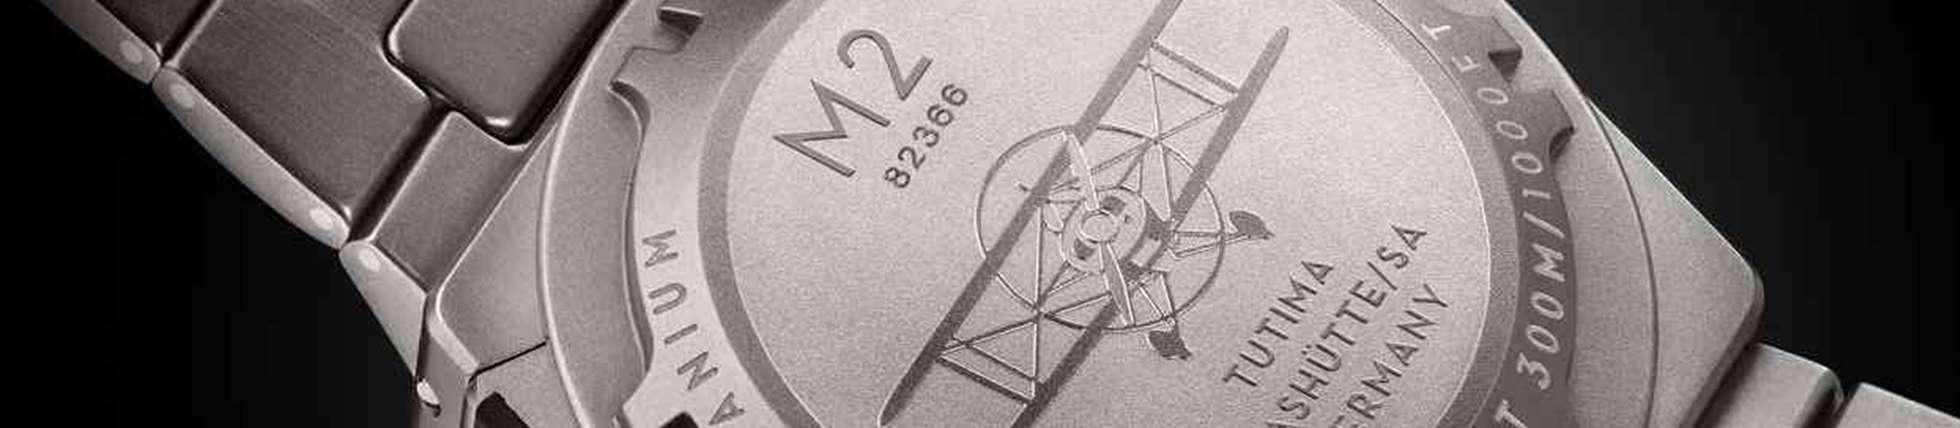 M2 Seven Seas